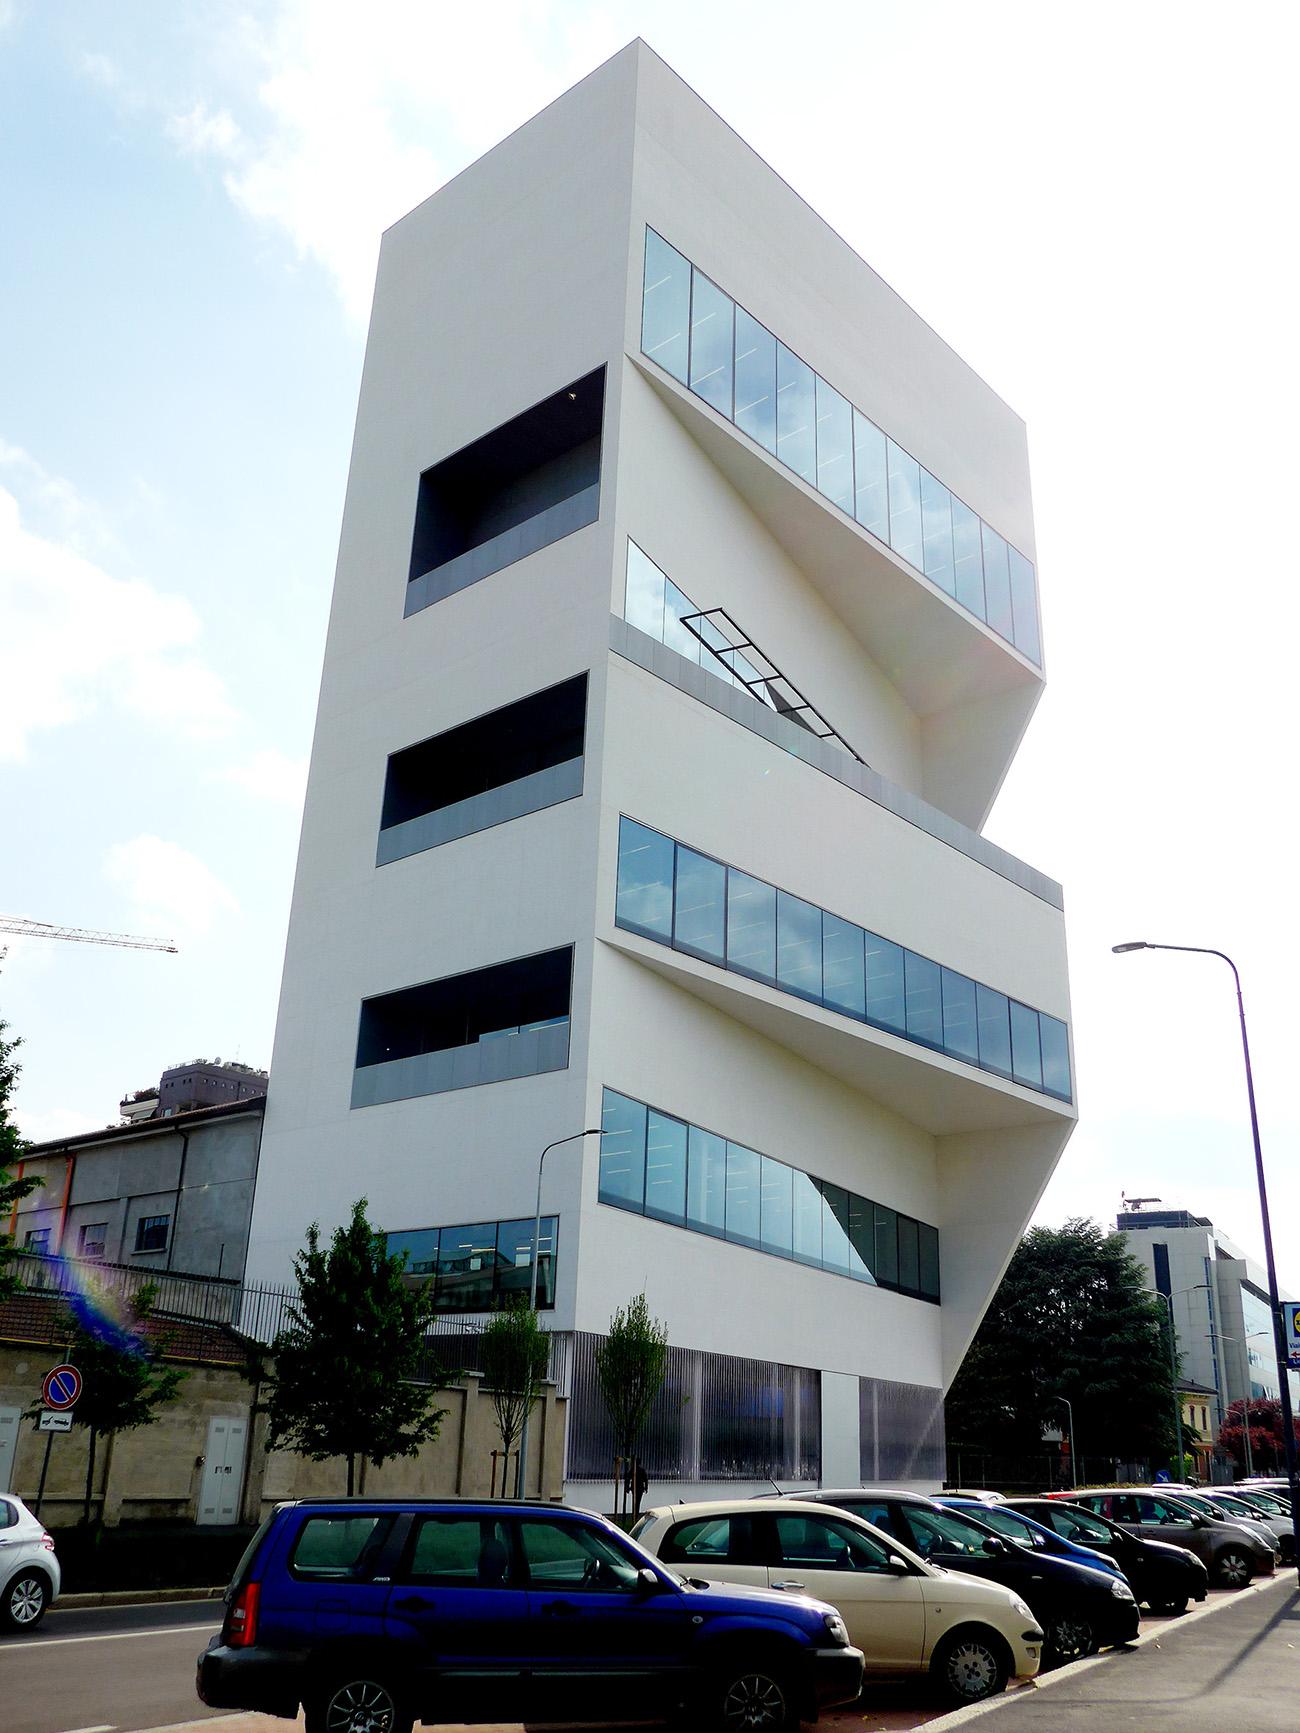 Torre – Fondazione Prada. Gut sichtbar sind die wachsenden Höhen der Räume, die Schichtung der Stockwerke und die unterschiedlichen Grundrissformen auf den einzelnen Stockwerken. Architekturprojekt OMA (Foto: Barbara Fässler)